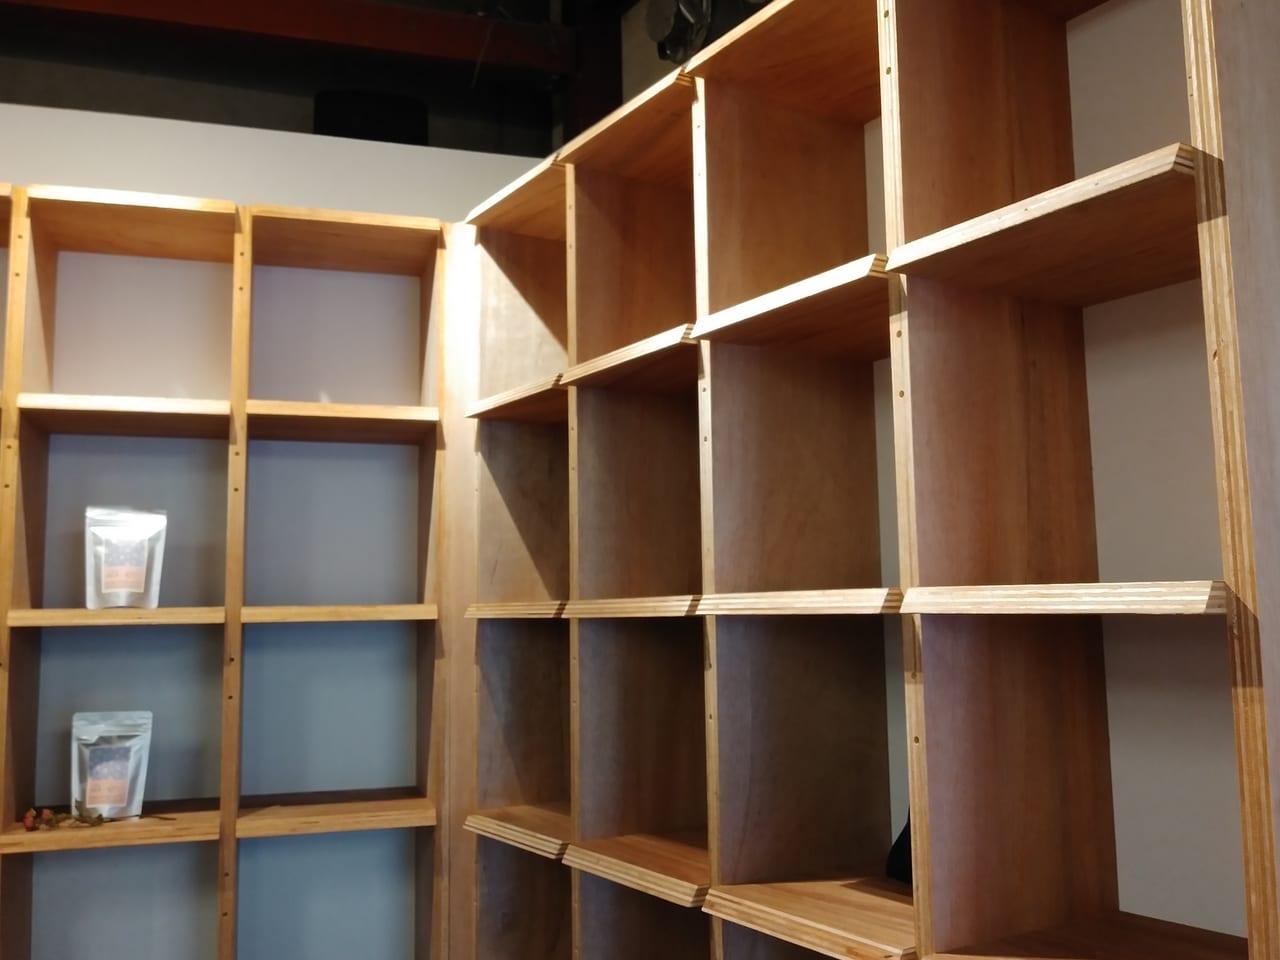 ブックアパートメントの棚